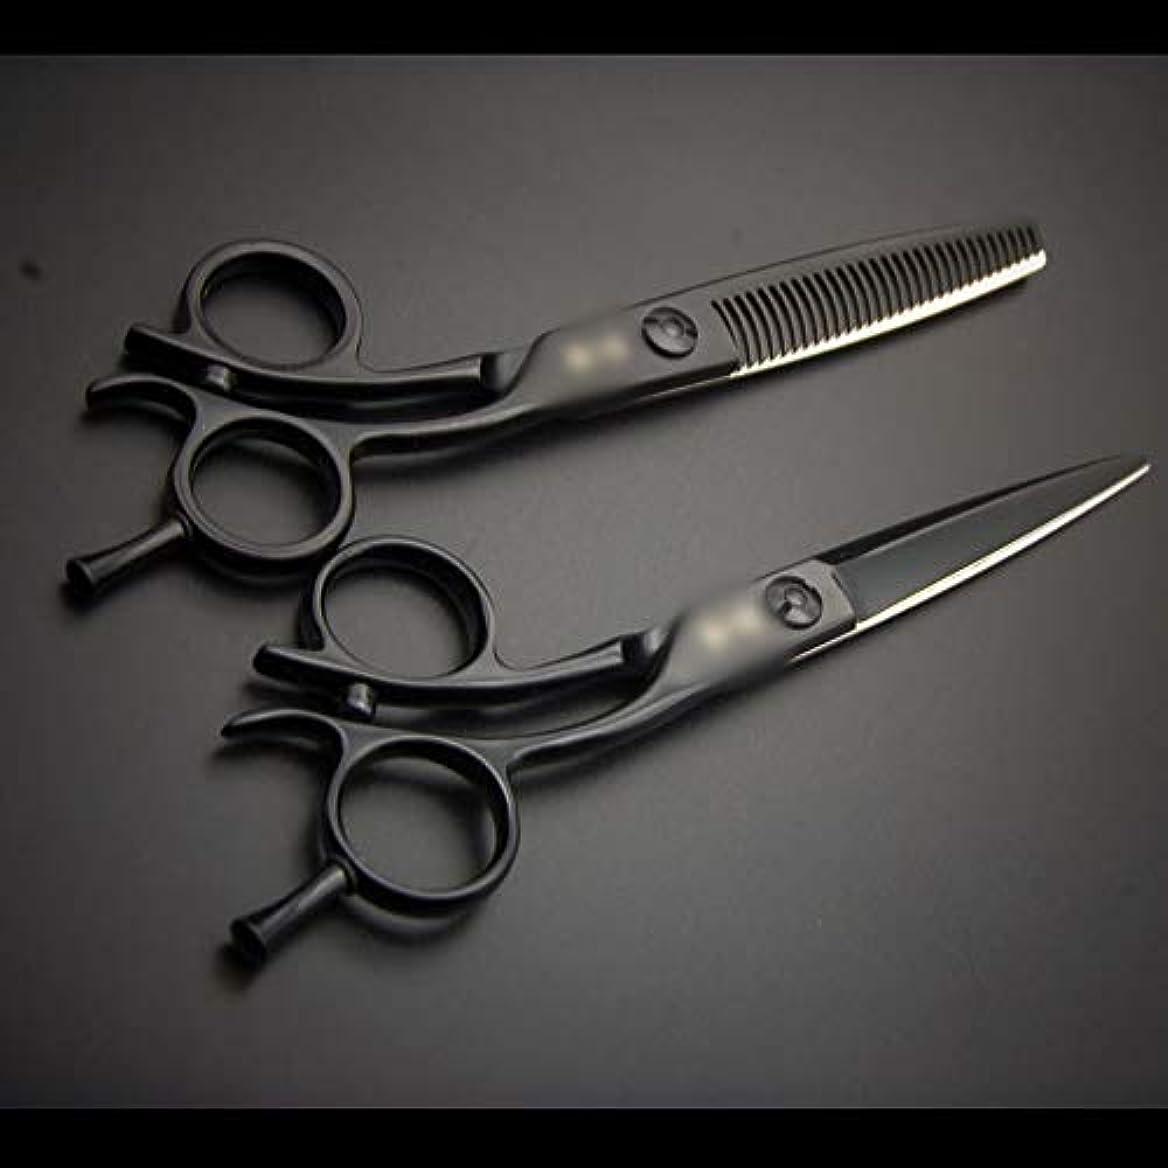 どうやってしがみつく遠征6インチ美容院プロフェッショナル理髪セット、歯のせん断+フラットせん断セット モデリングツール (色 : 黒)